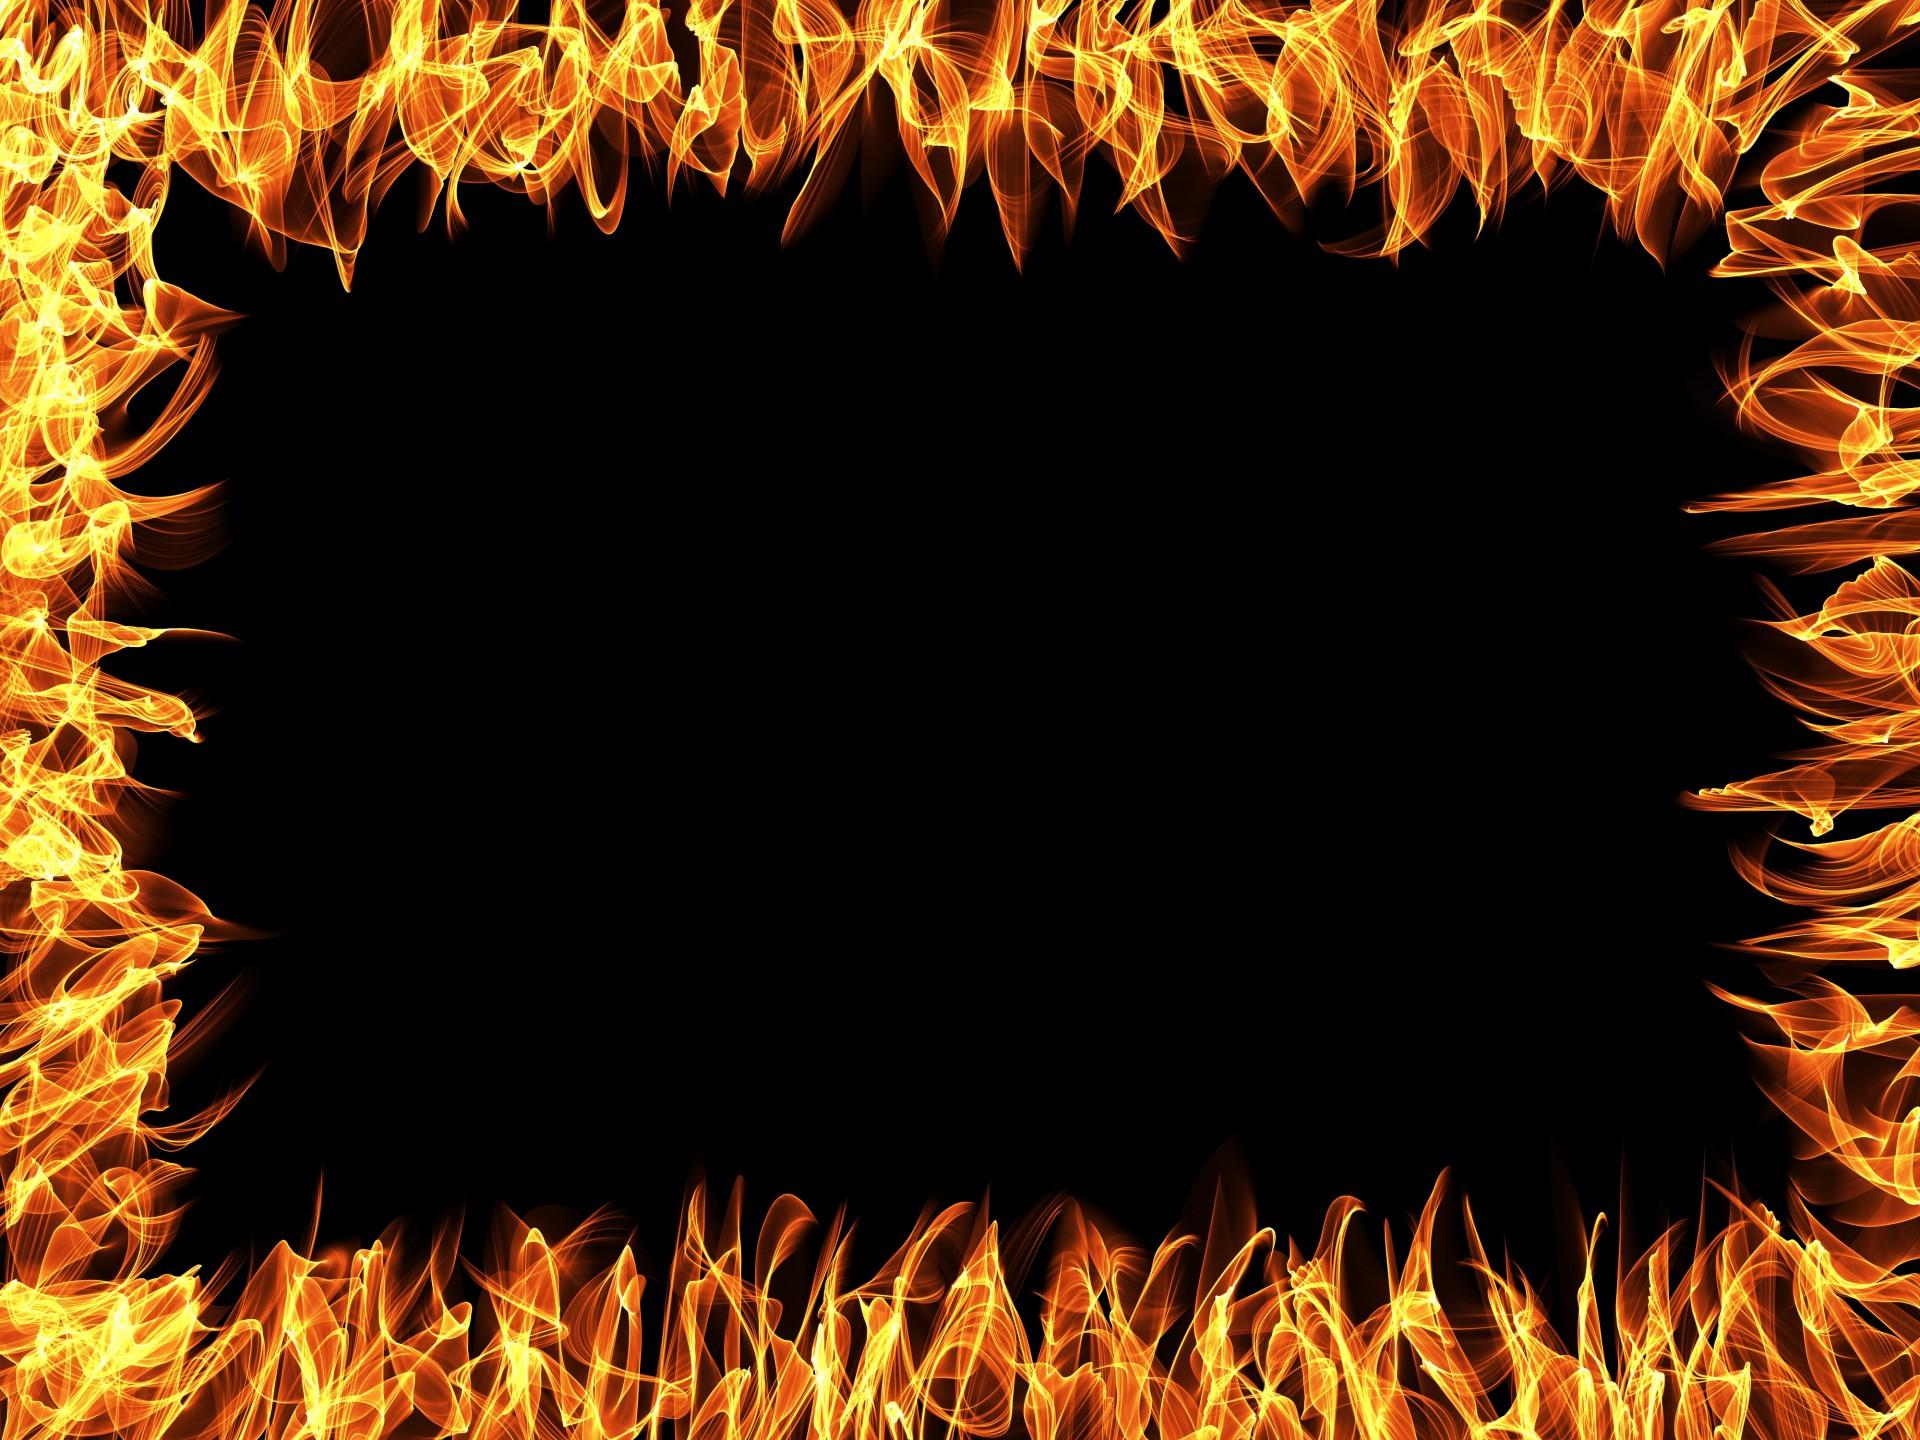 Frame clipart fire Frame Flaming Border Domain Art